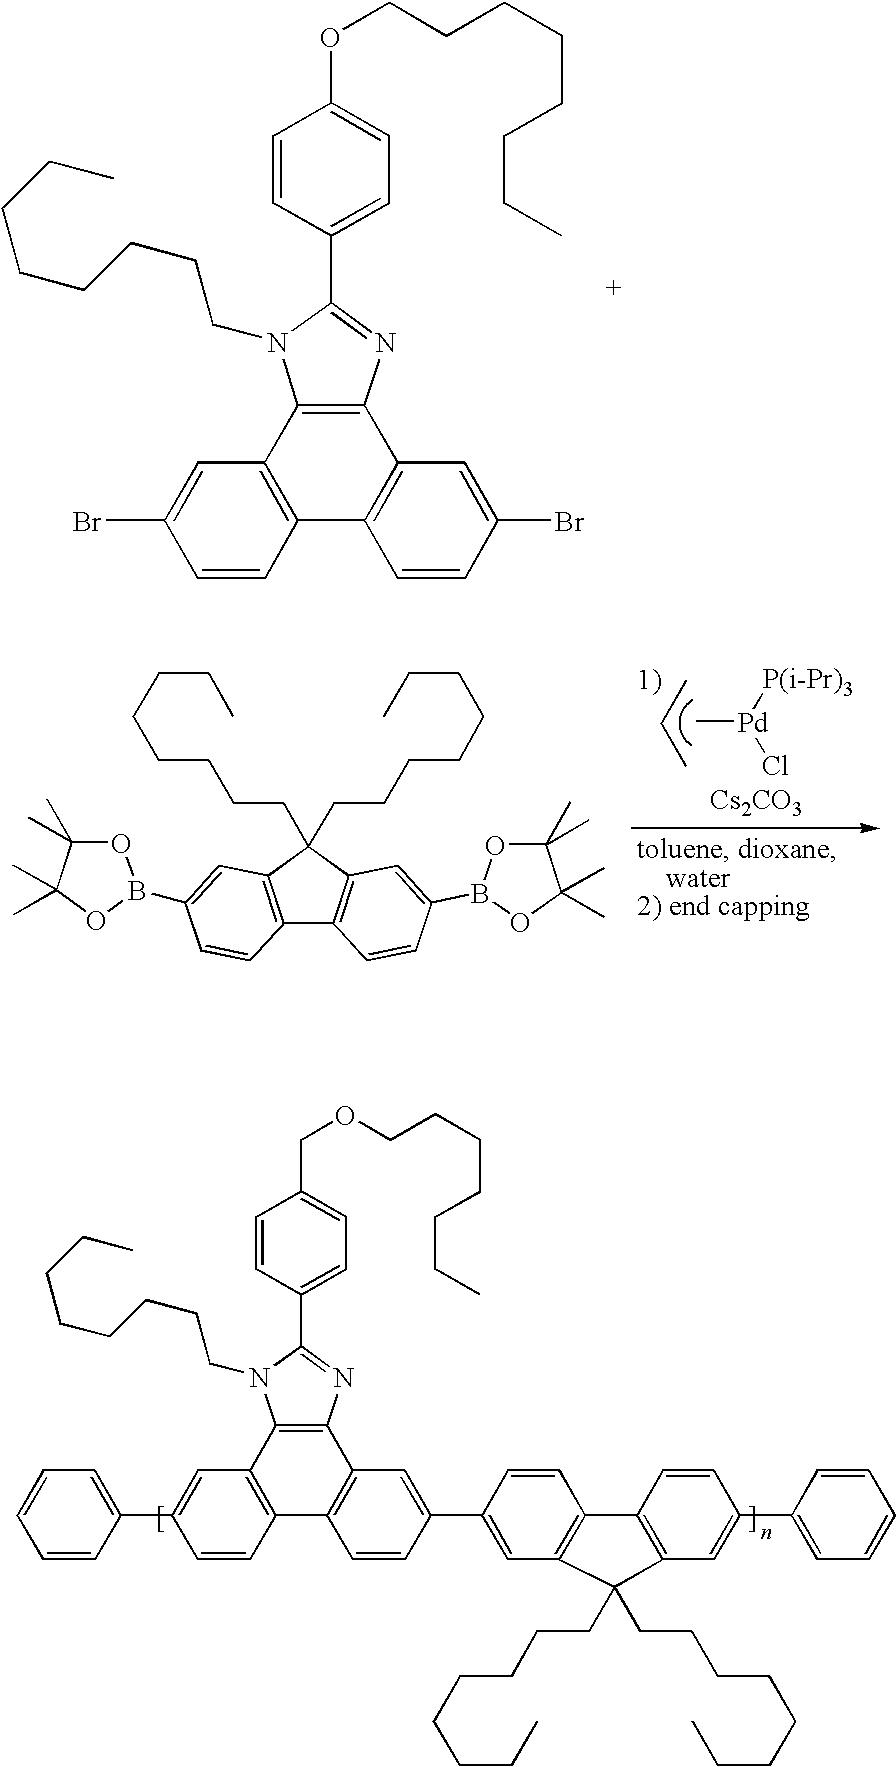 Figure US20090105447A1-20090423-C00167